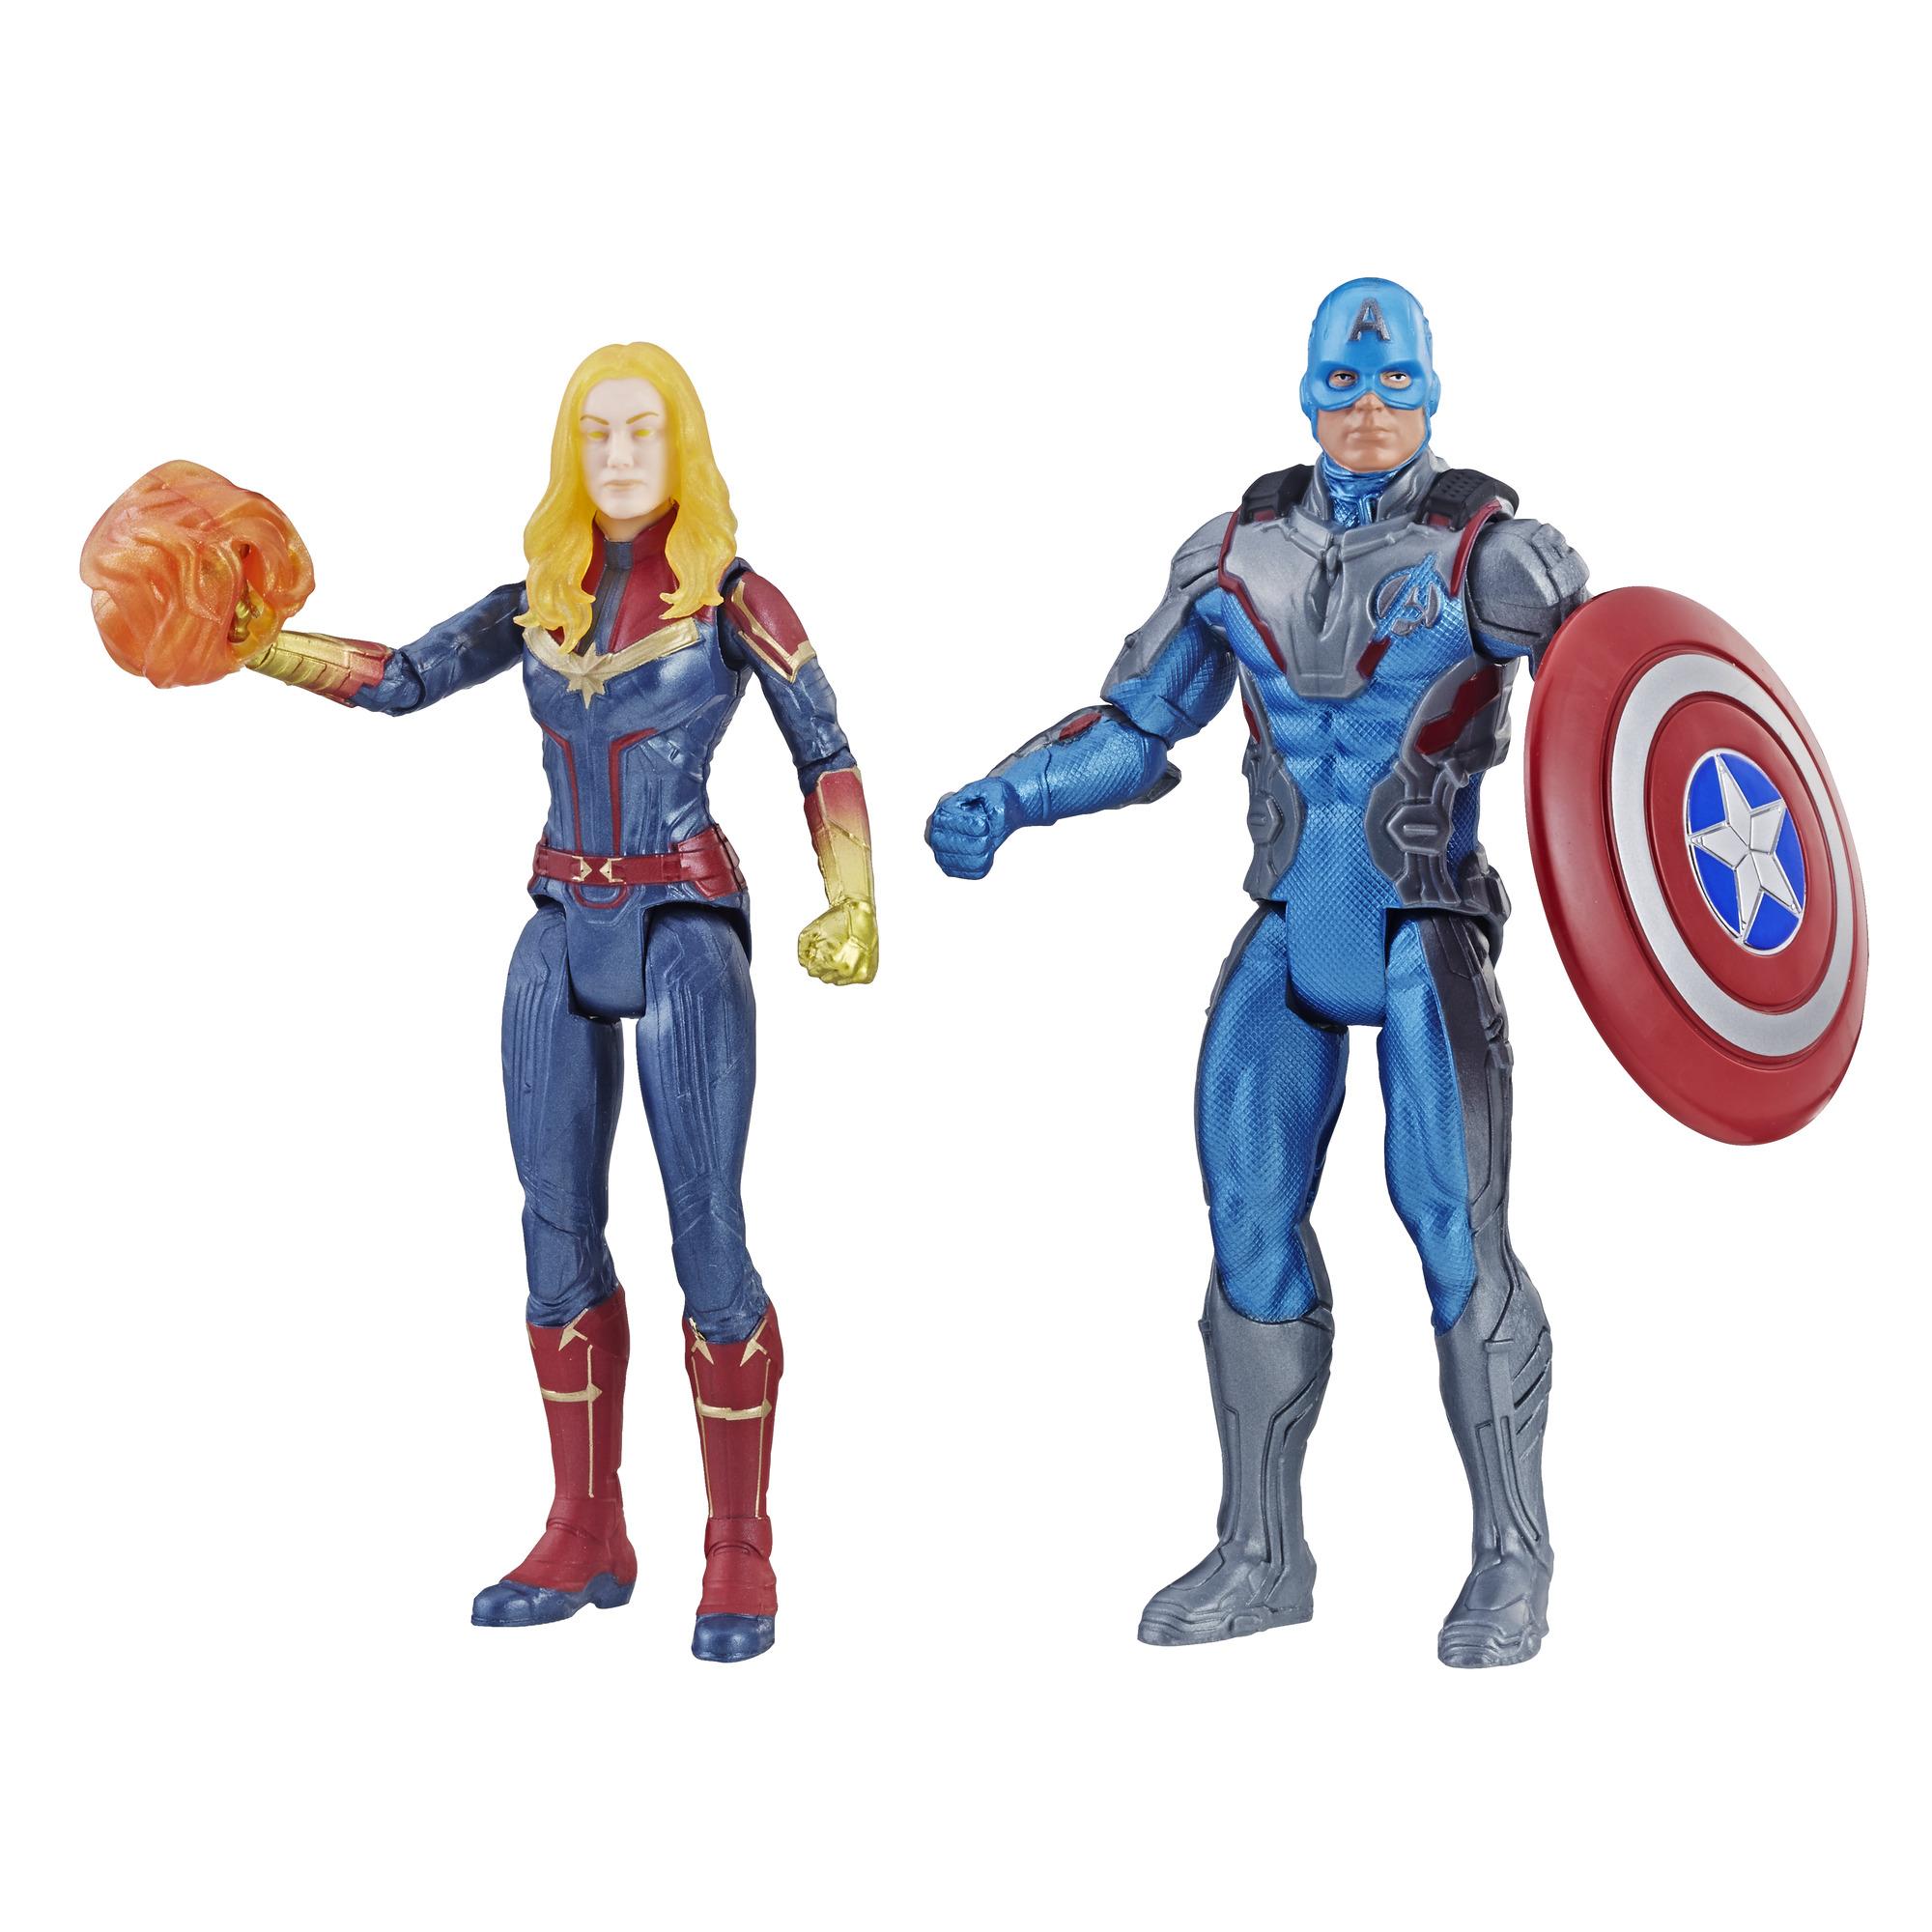 Marvel Avengers: Endgame Captain America and Captain Marvel 2-pack